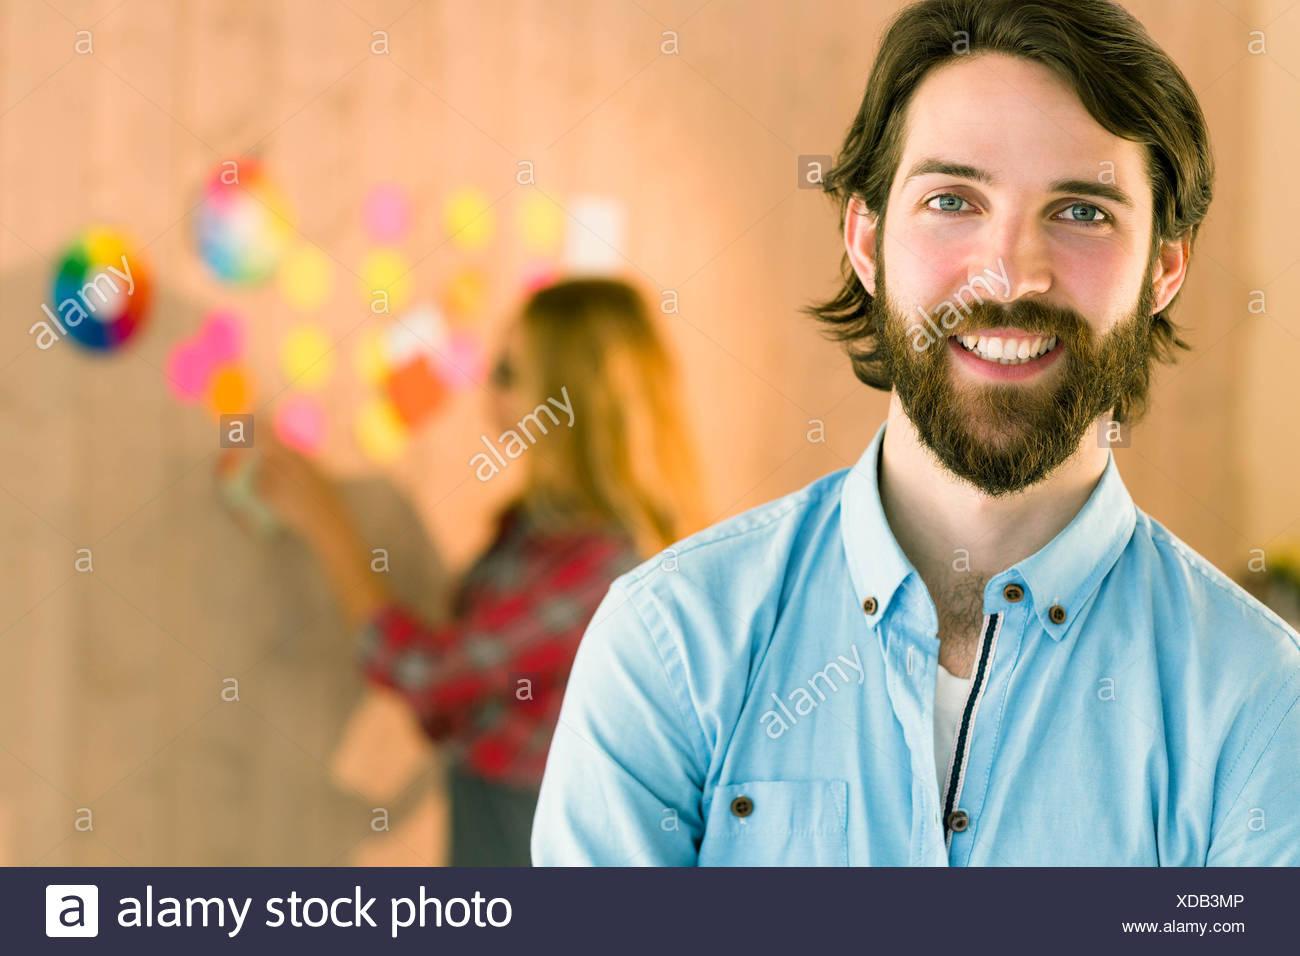 Creative man smiling at camera Photo Stock